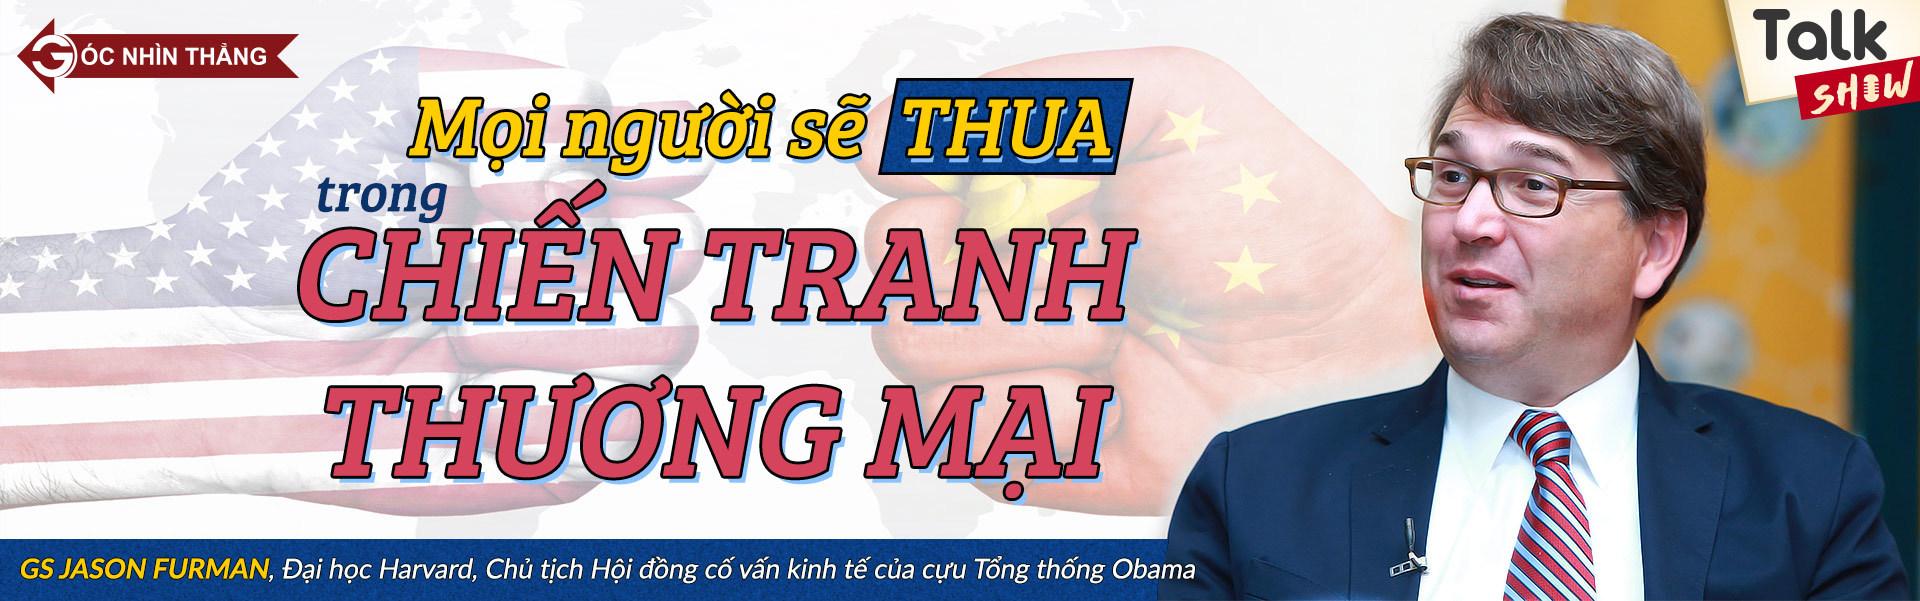 cuộc chiến thương mại,cuộc chiến thương mại Mỹ - Trung